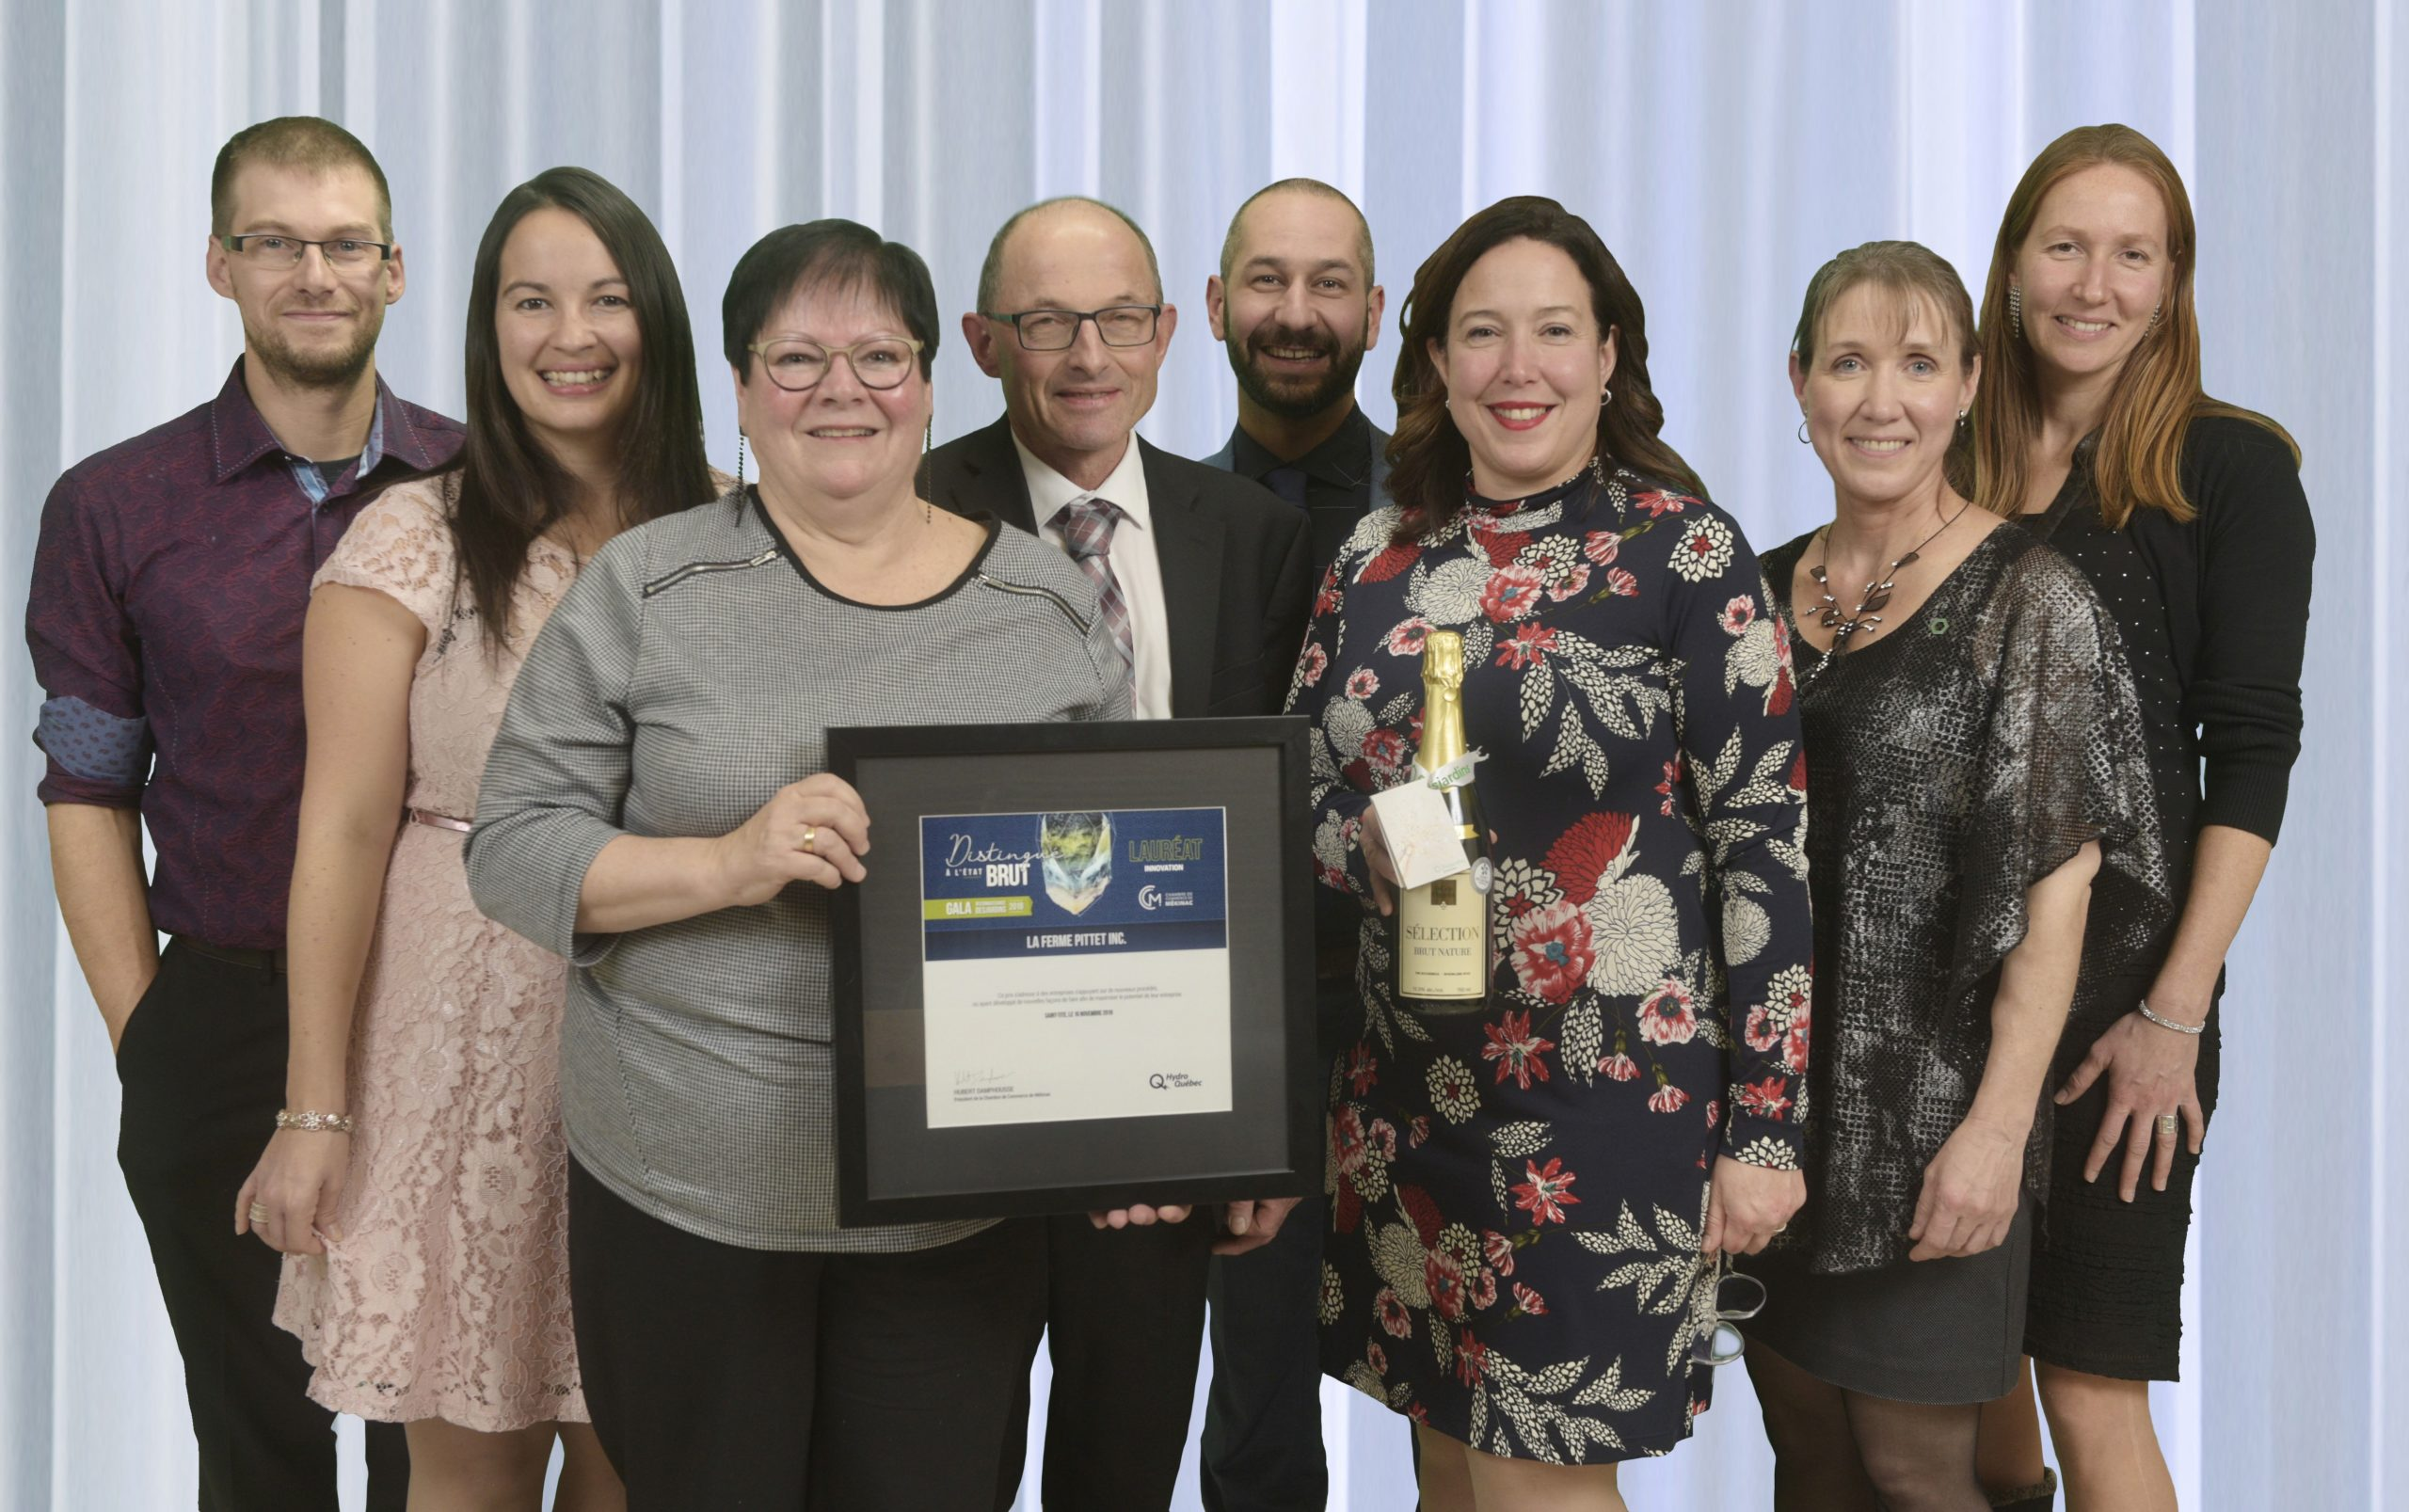 Gala reconnaissance Desjardins 2019 - Innovation - Lauréat La Ferme Pittet